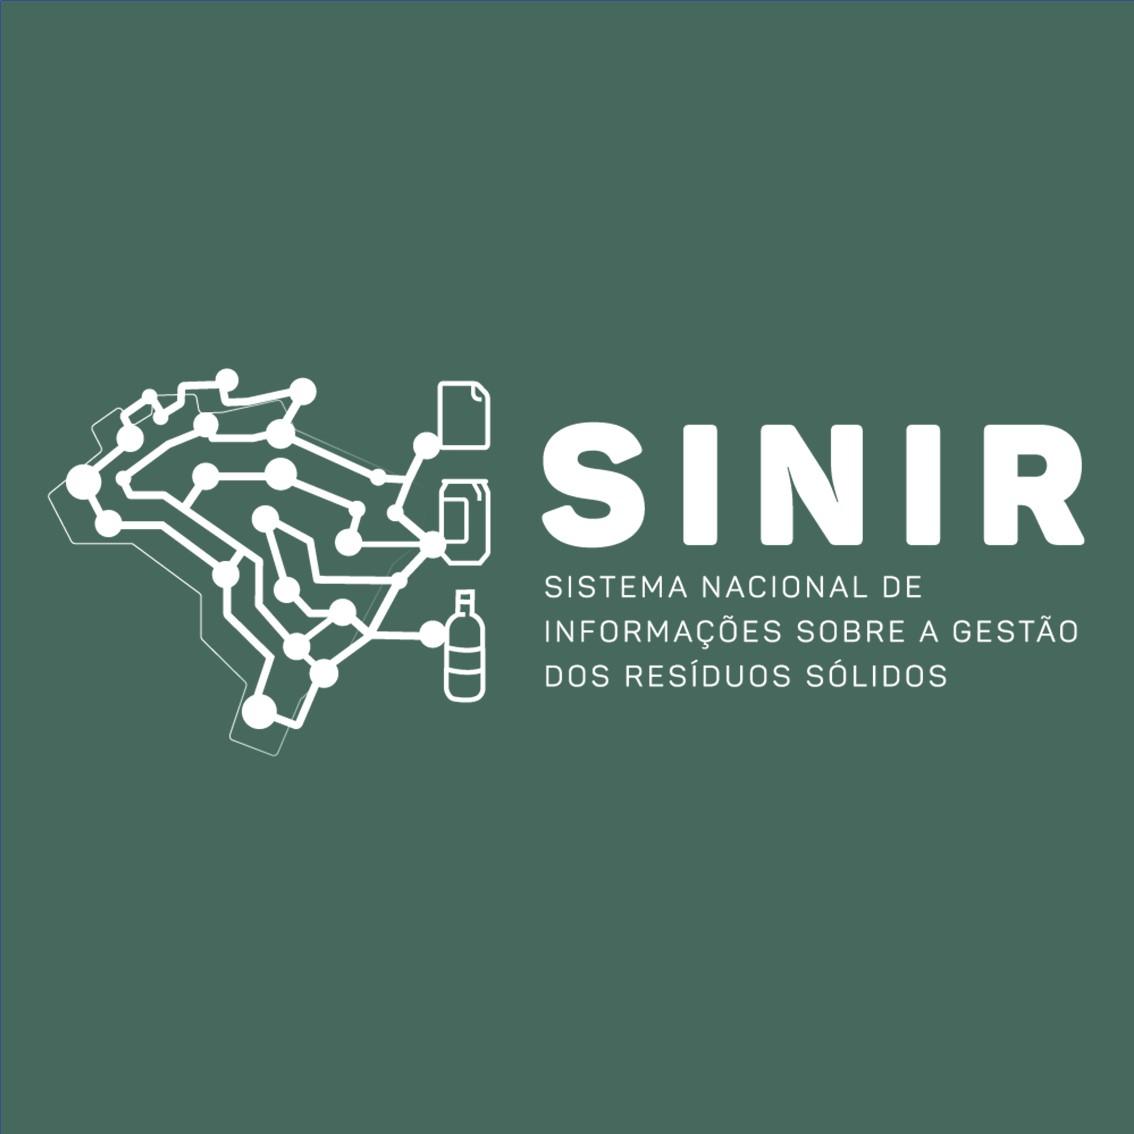 Novo MTR Nacional (Manifesto de Transporte de Resíduos) » Envit